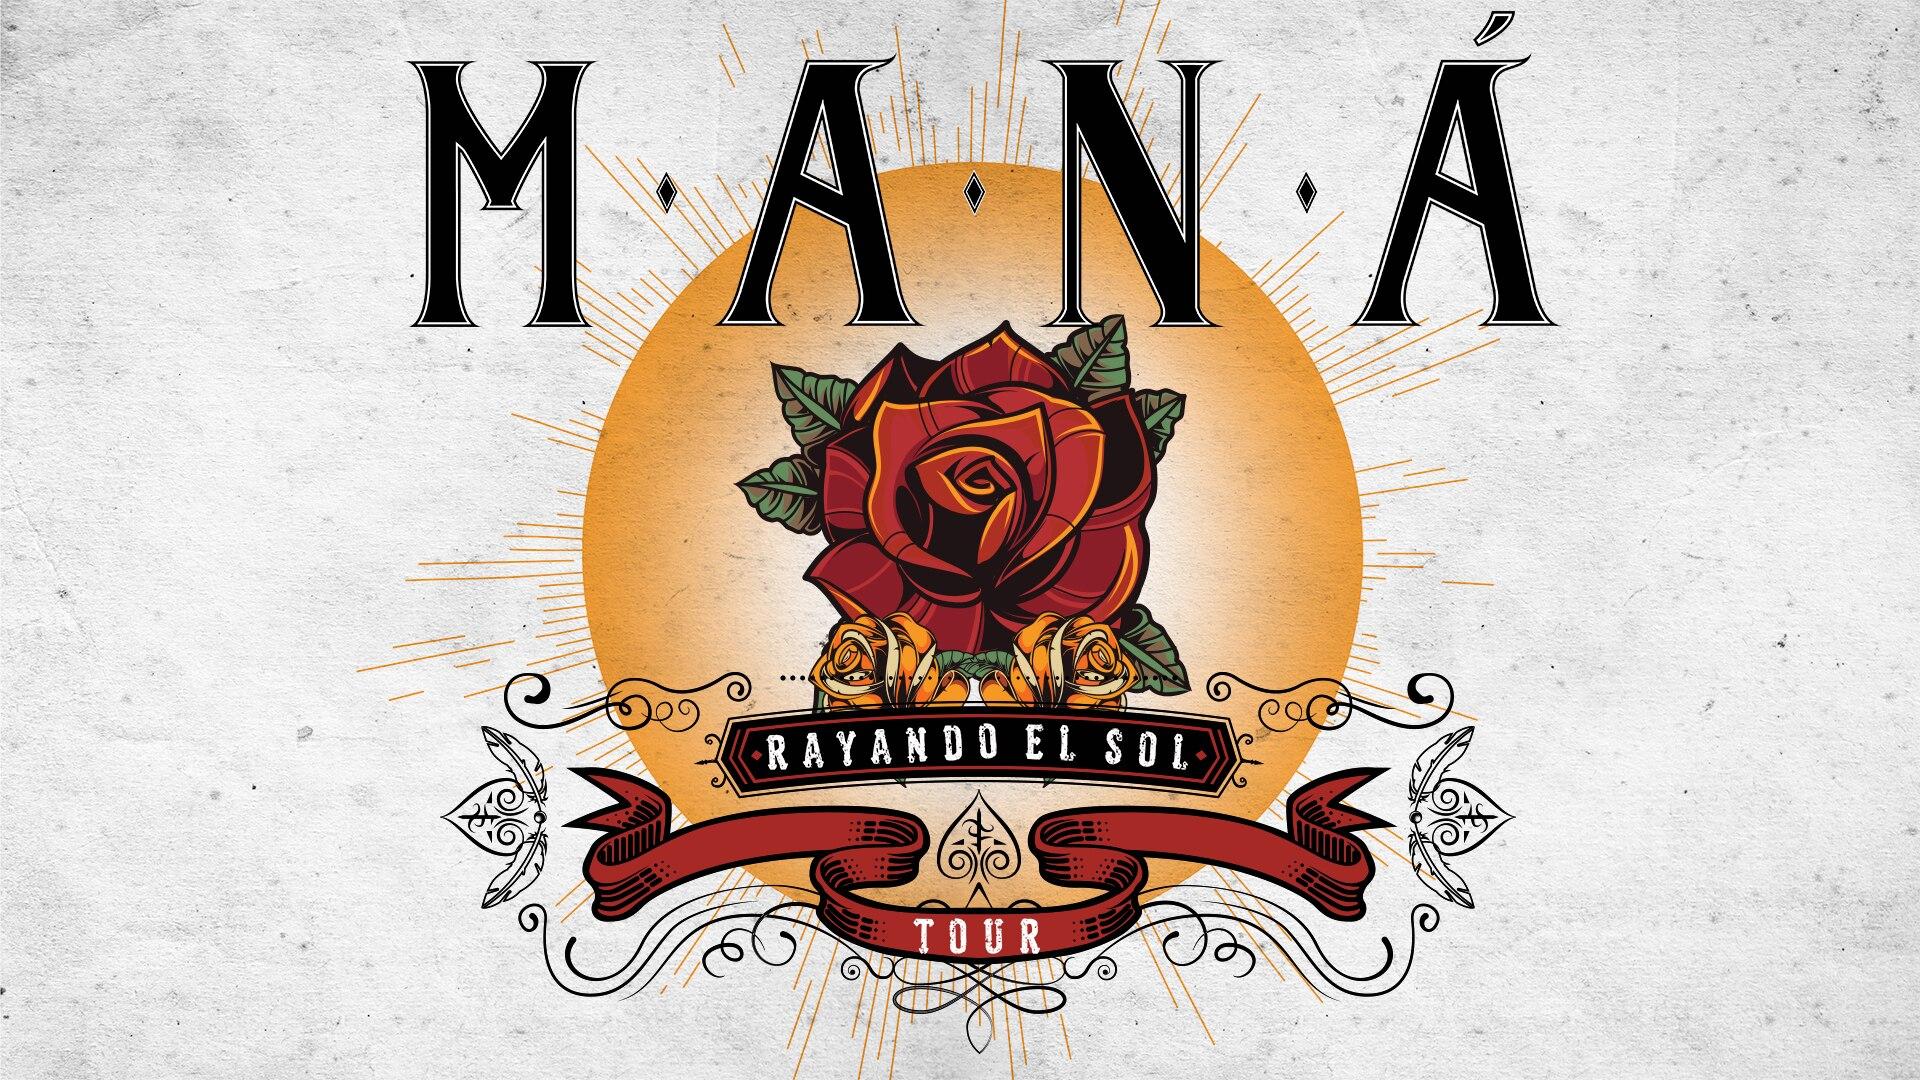 MANÁ - Rayando El Sol Tour 2019